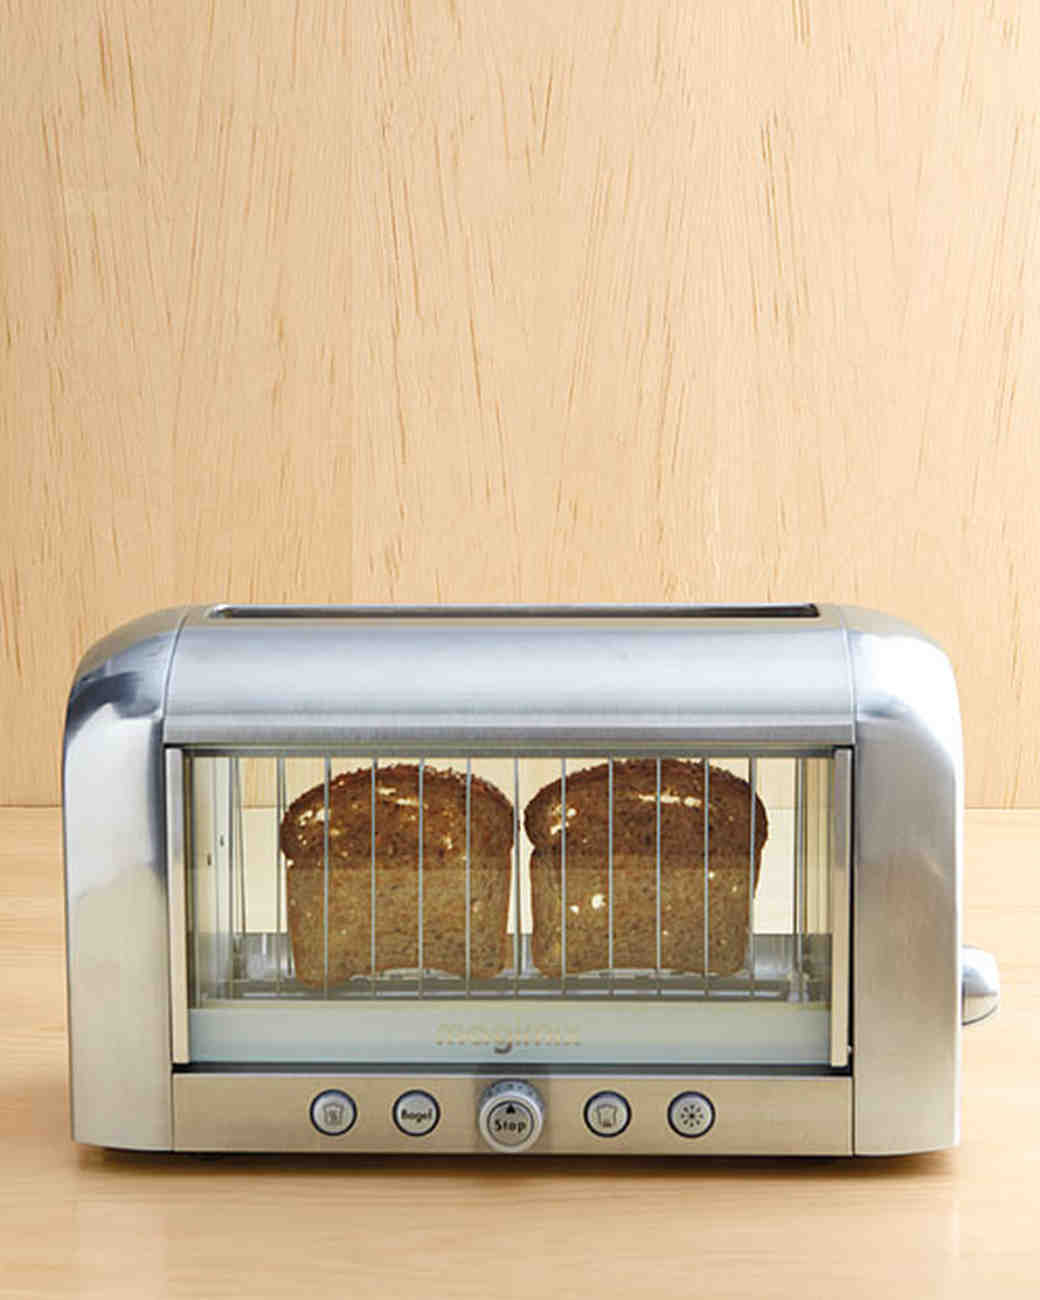 mw106509_spr11_toast1.jpg